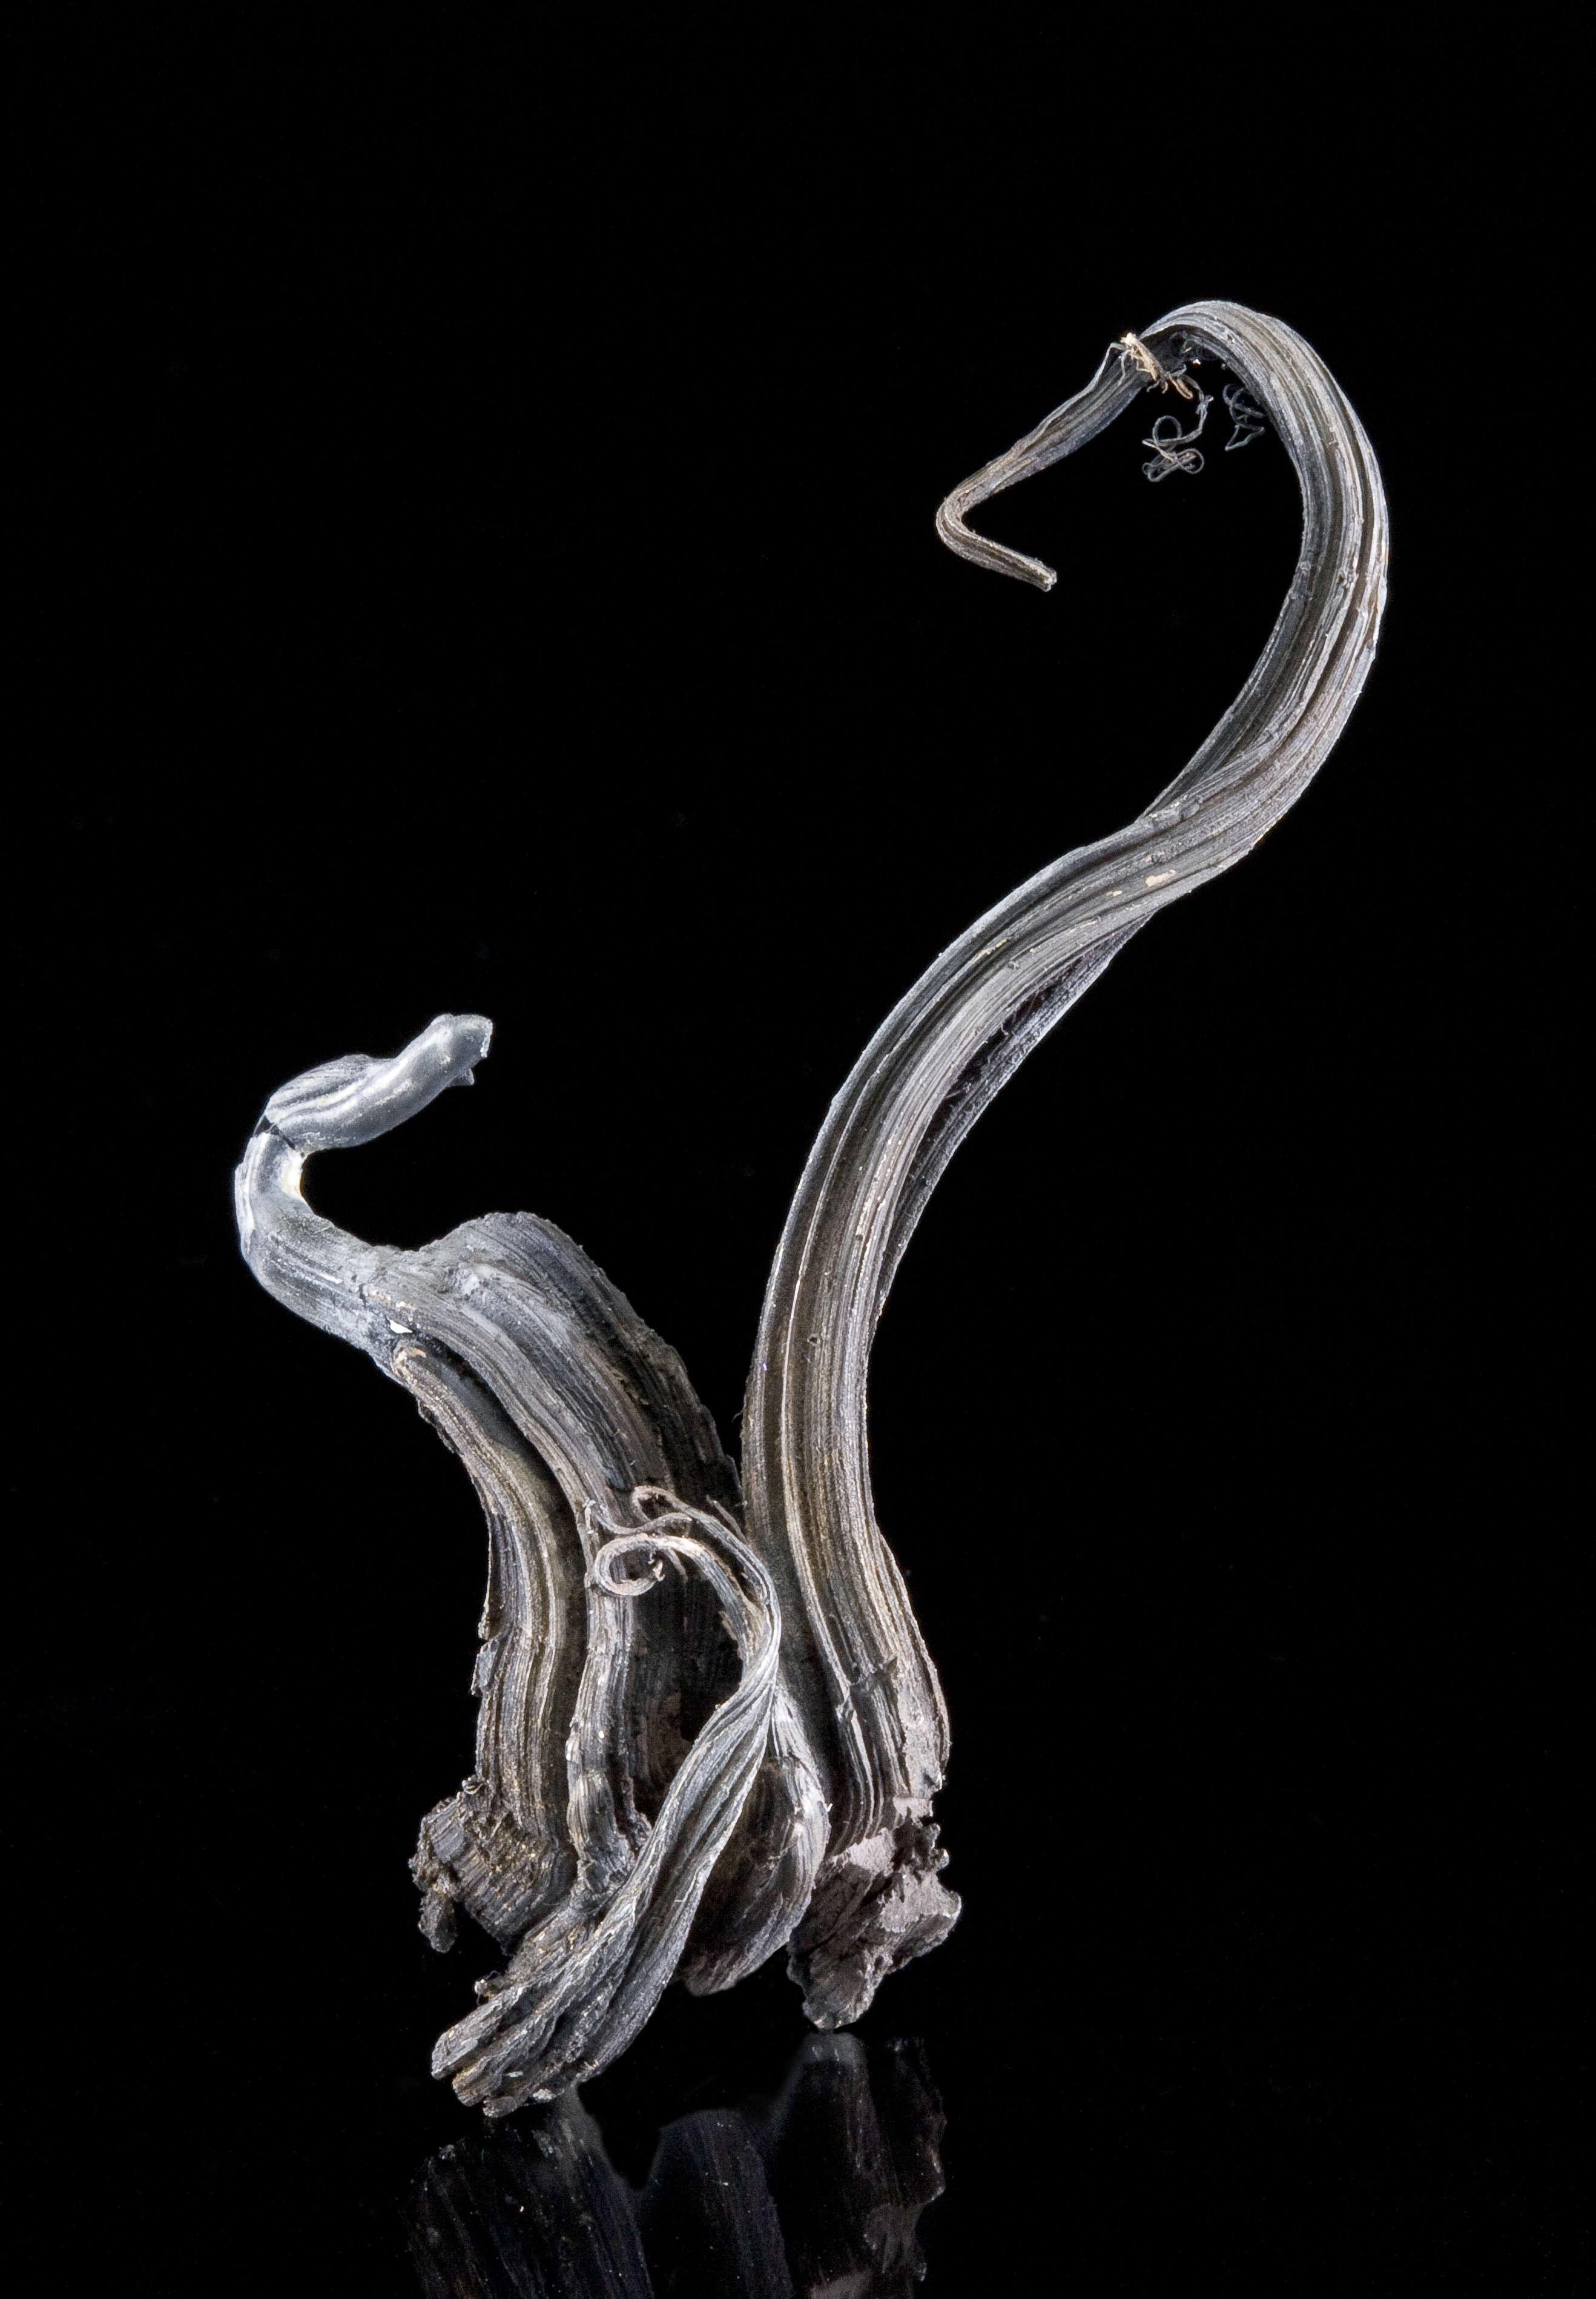 A truly elegant specimen size range favorite Himmelsfurst silver I